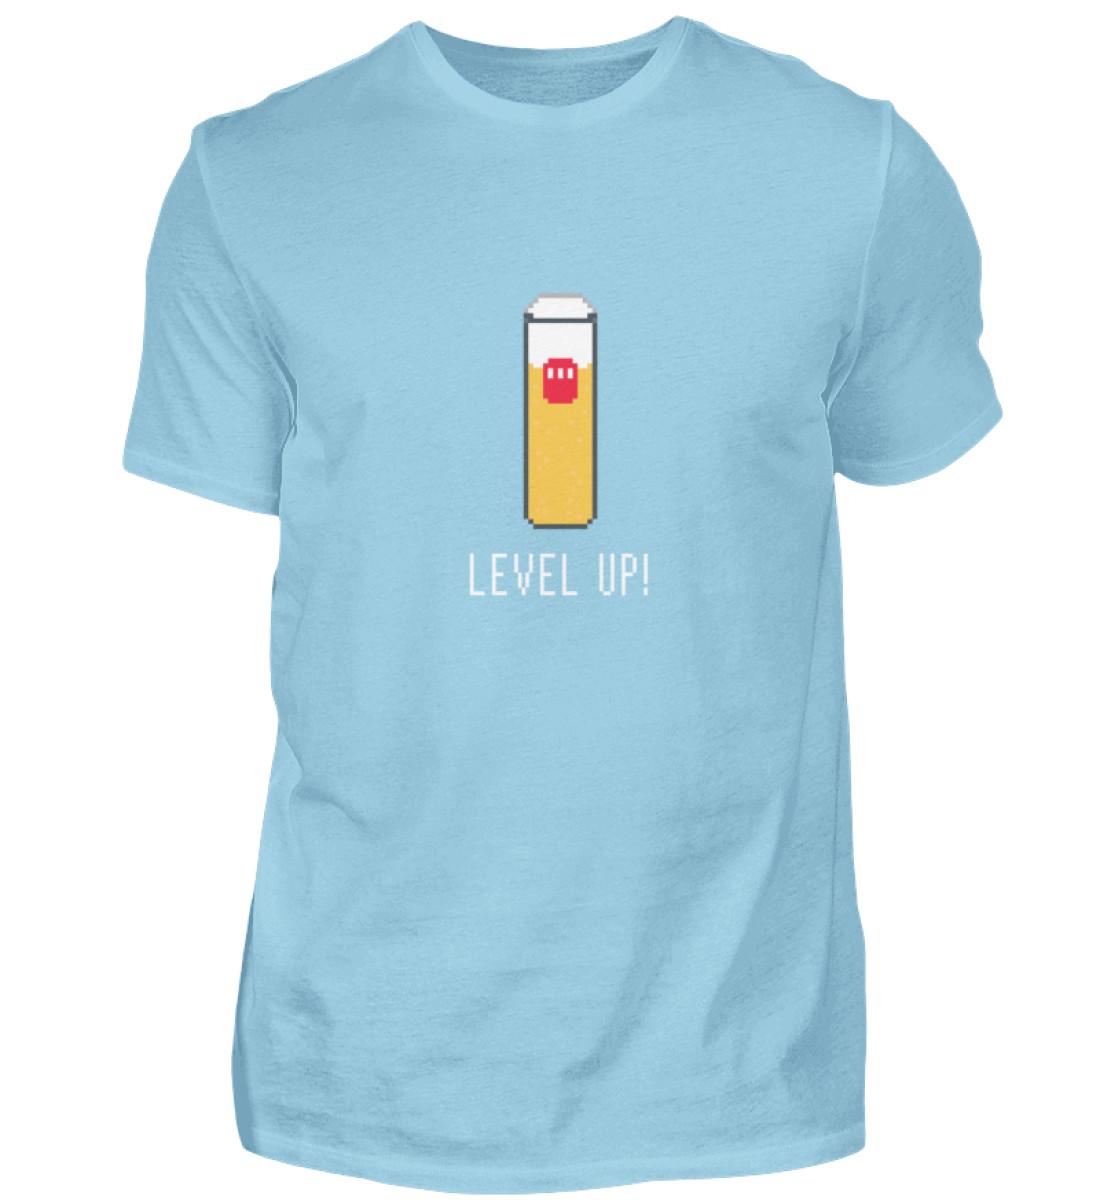 Level up T-Shirt - Herren Shirt-674